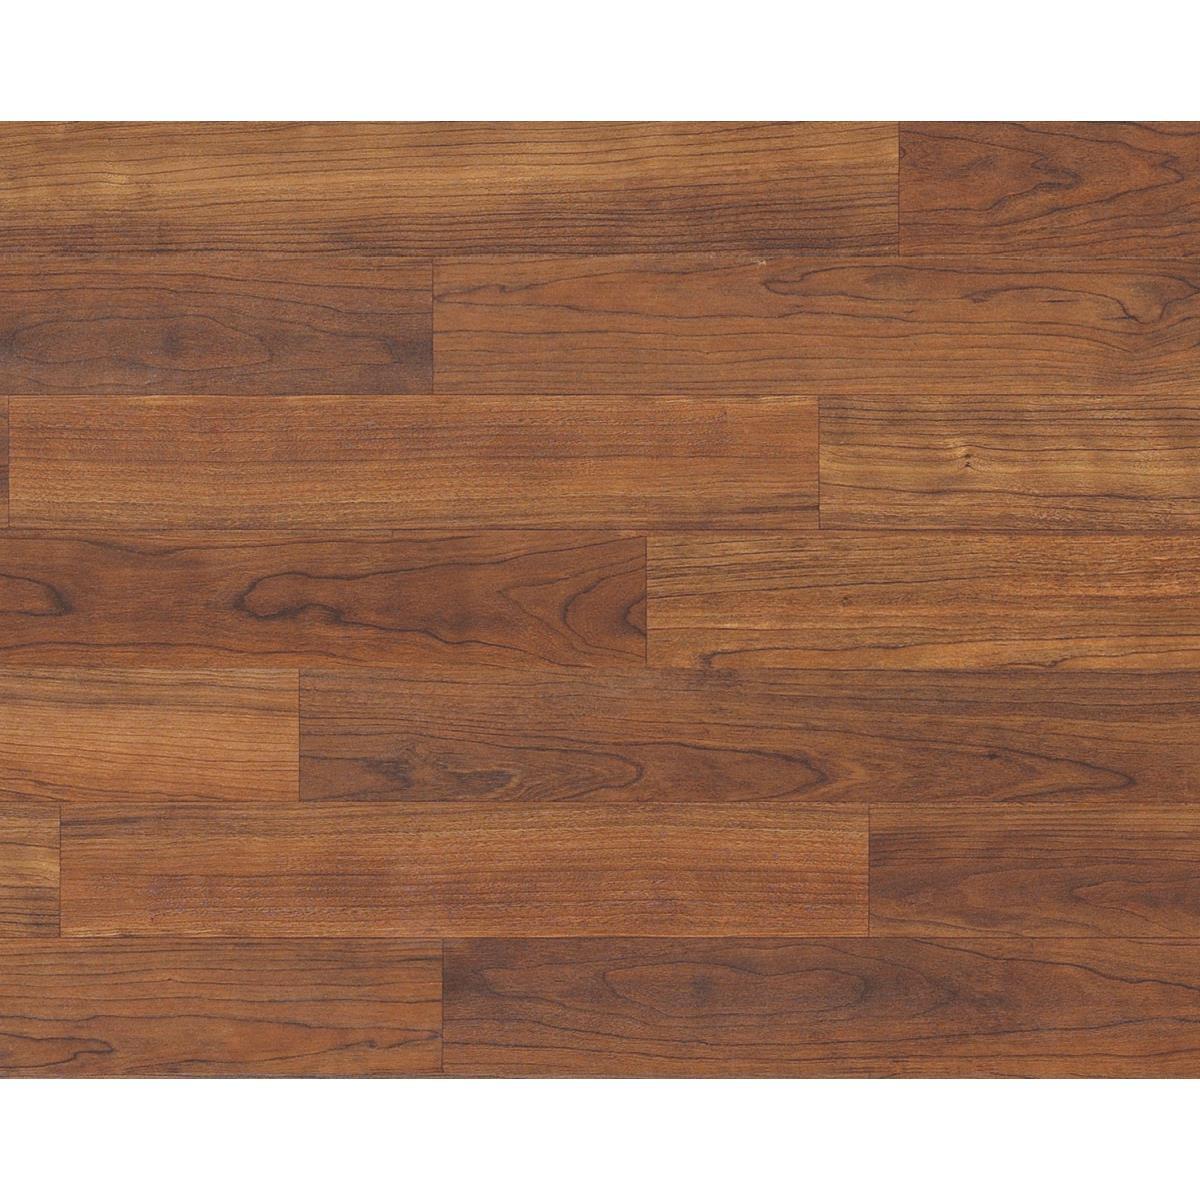 SHAW Natural Values Laminate Flooring